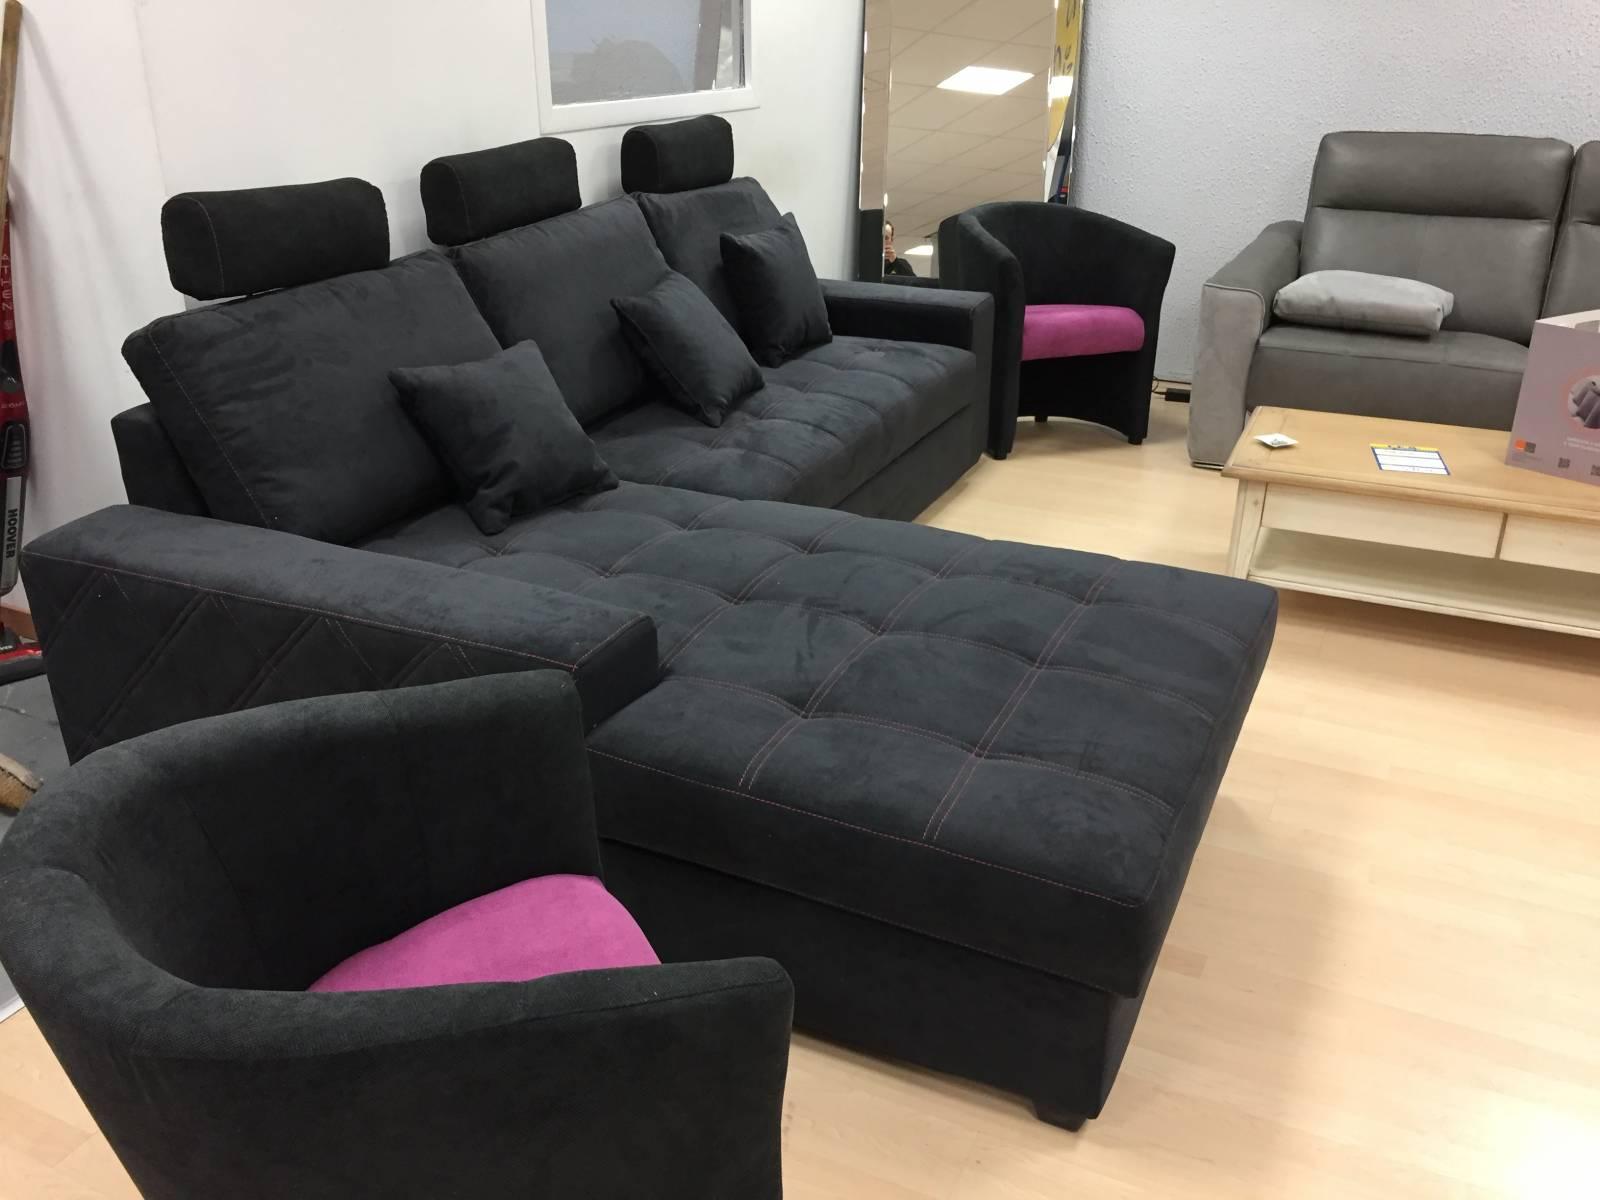 canape avec meridienne convertible mondo magasin d 39 lectrom nager pas cher pr s de libourne. Black Bedroom Furniture Sets. Home Design Ideas